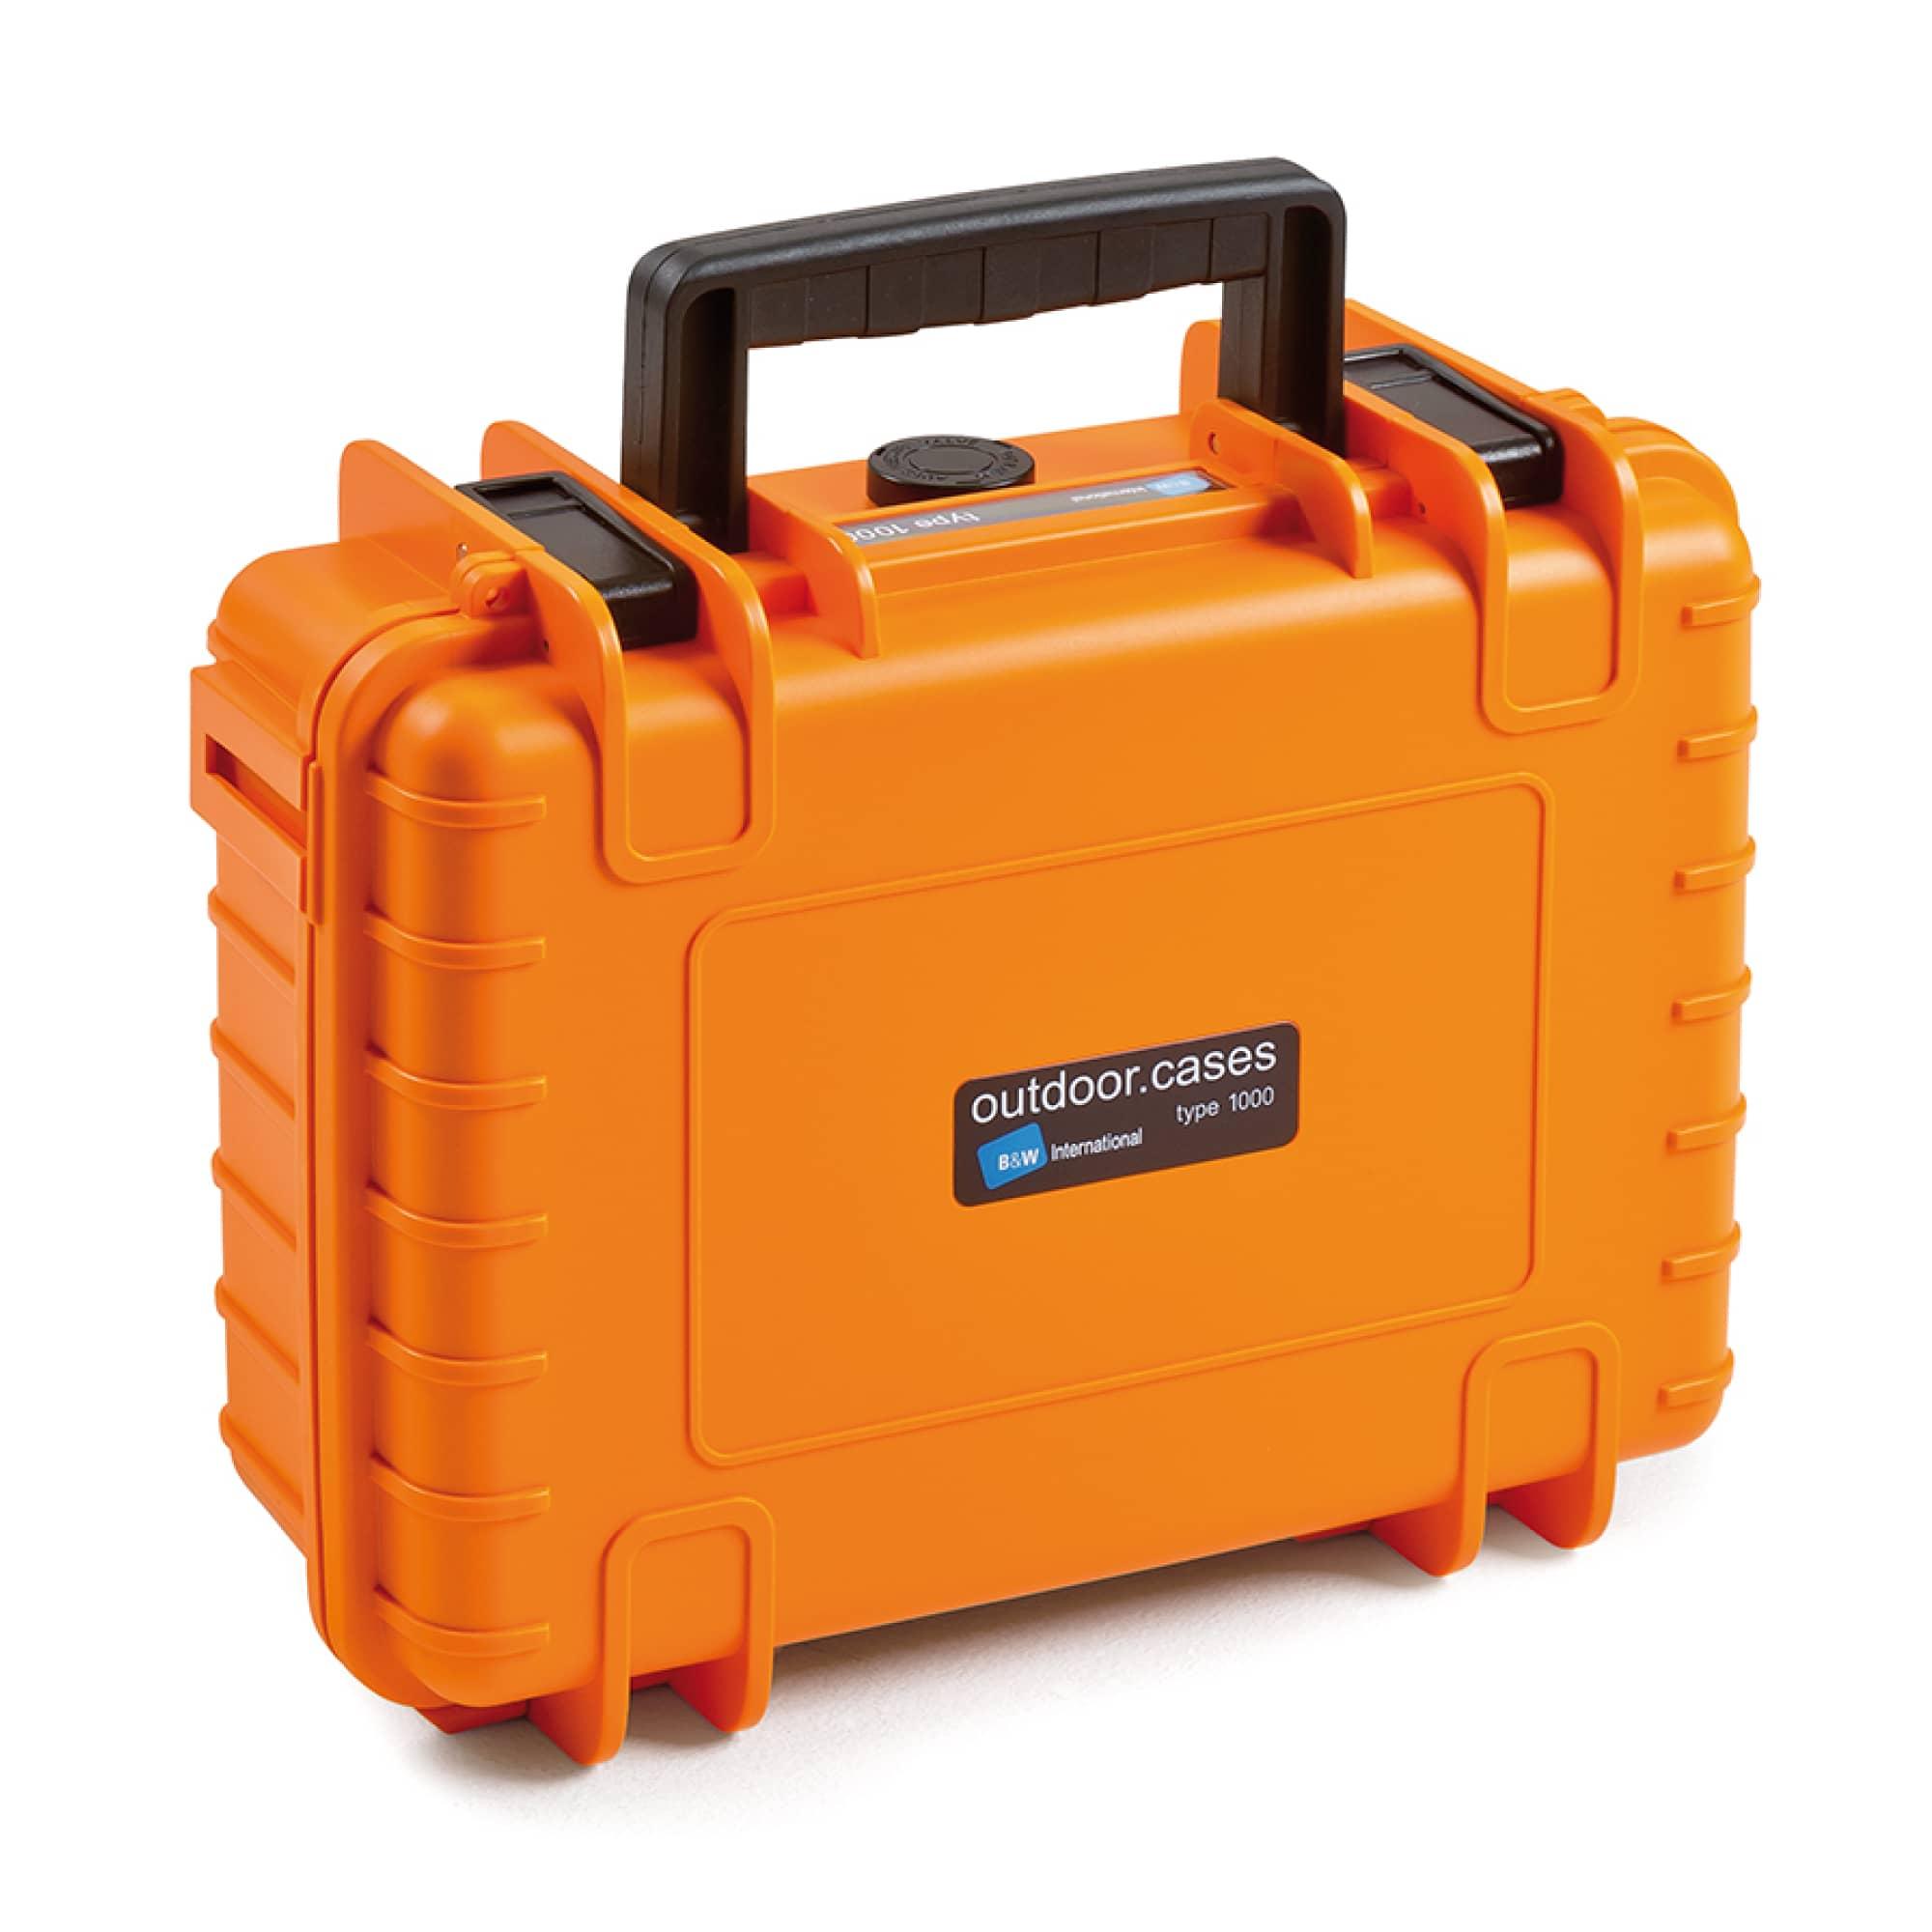 B&W Outdoor Case Typ 1000